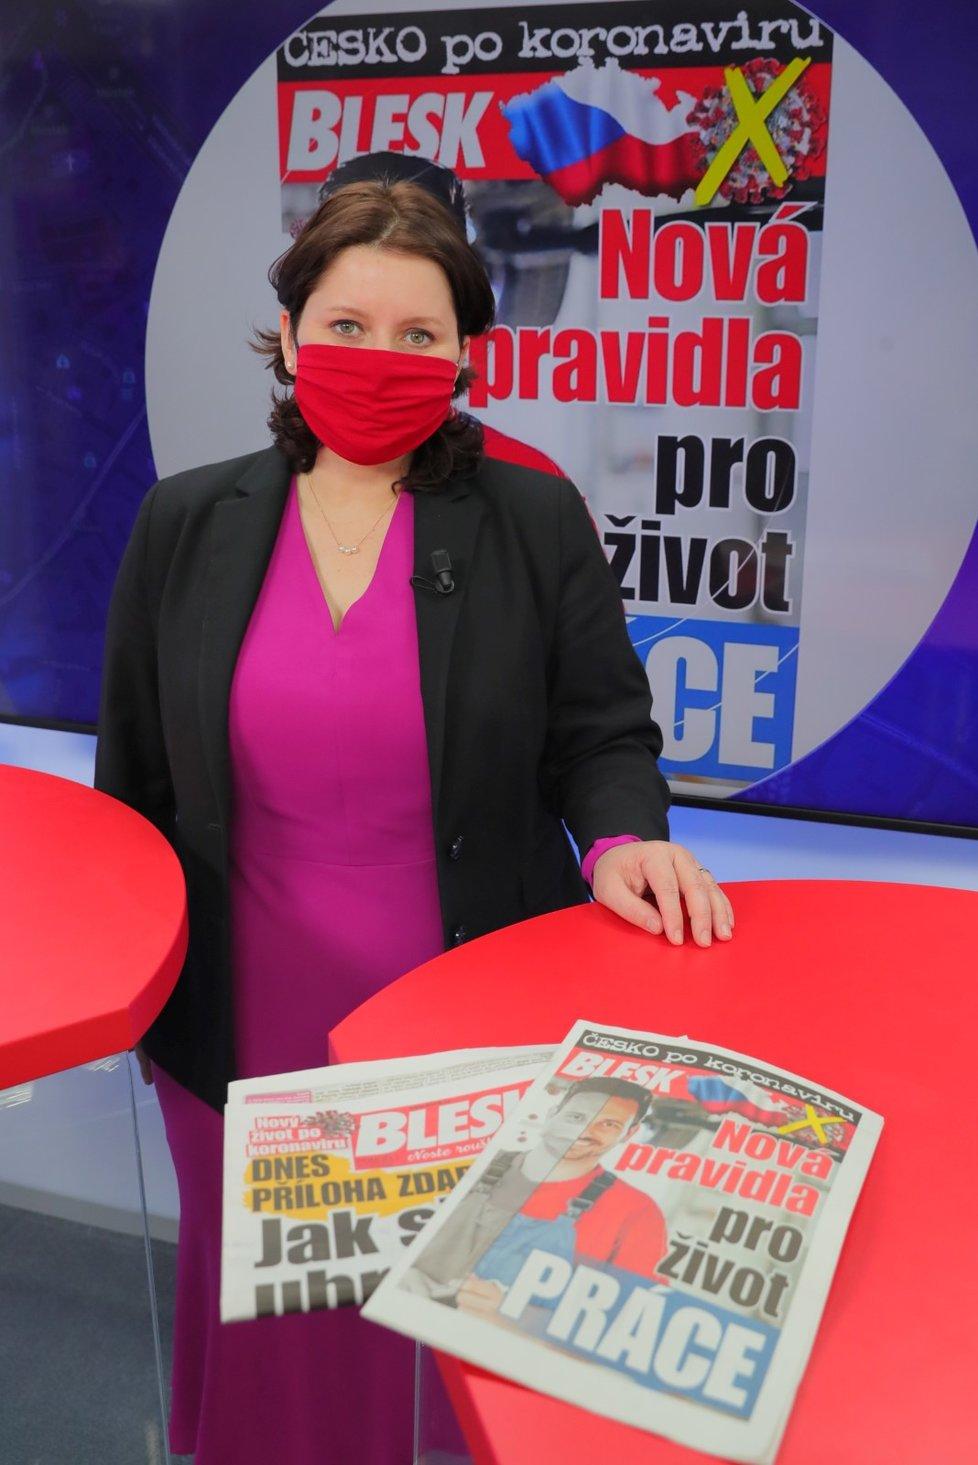 Ministryně práce a sociálních věcí Jana Maláčová (ČSSD) v pořadu Epicentrum 18. 5. 2020